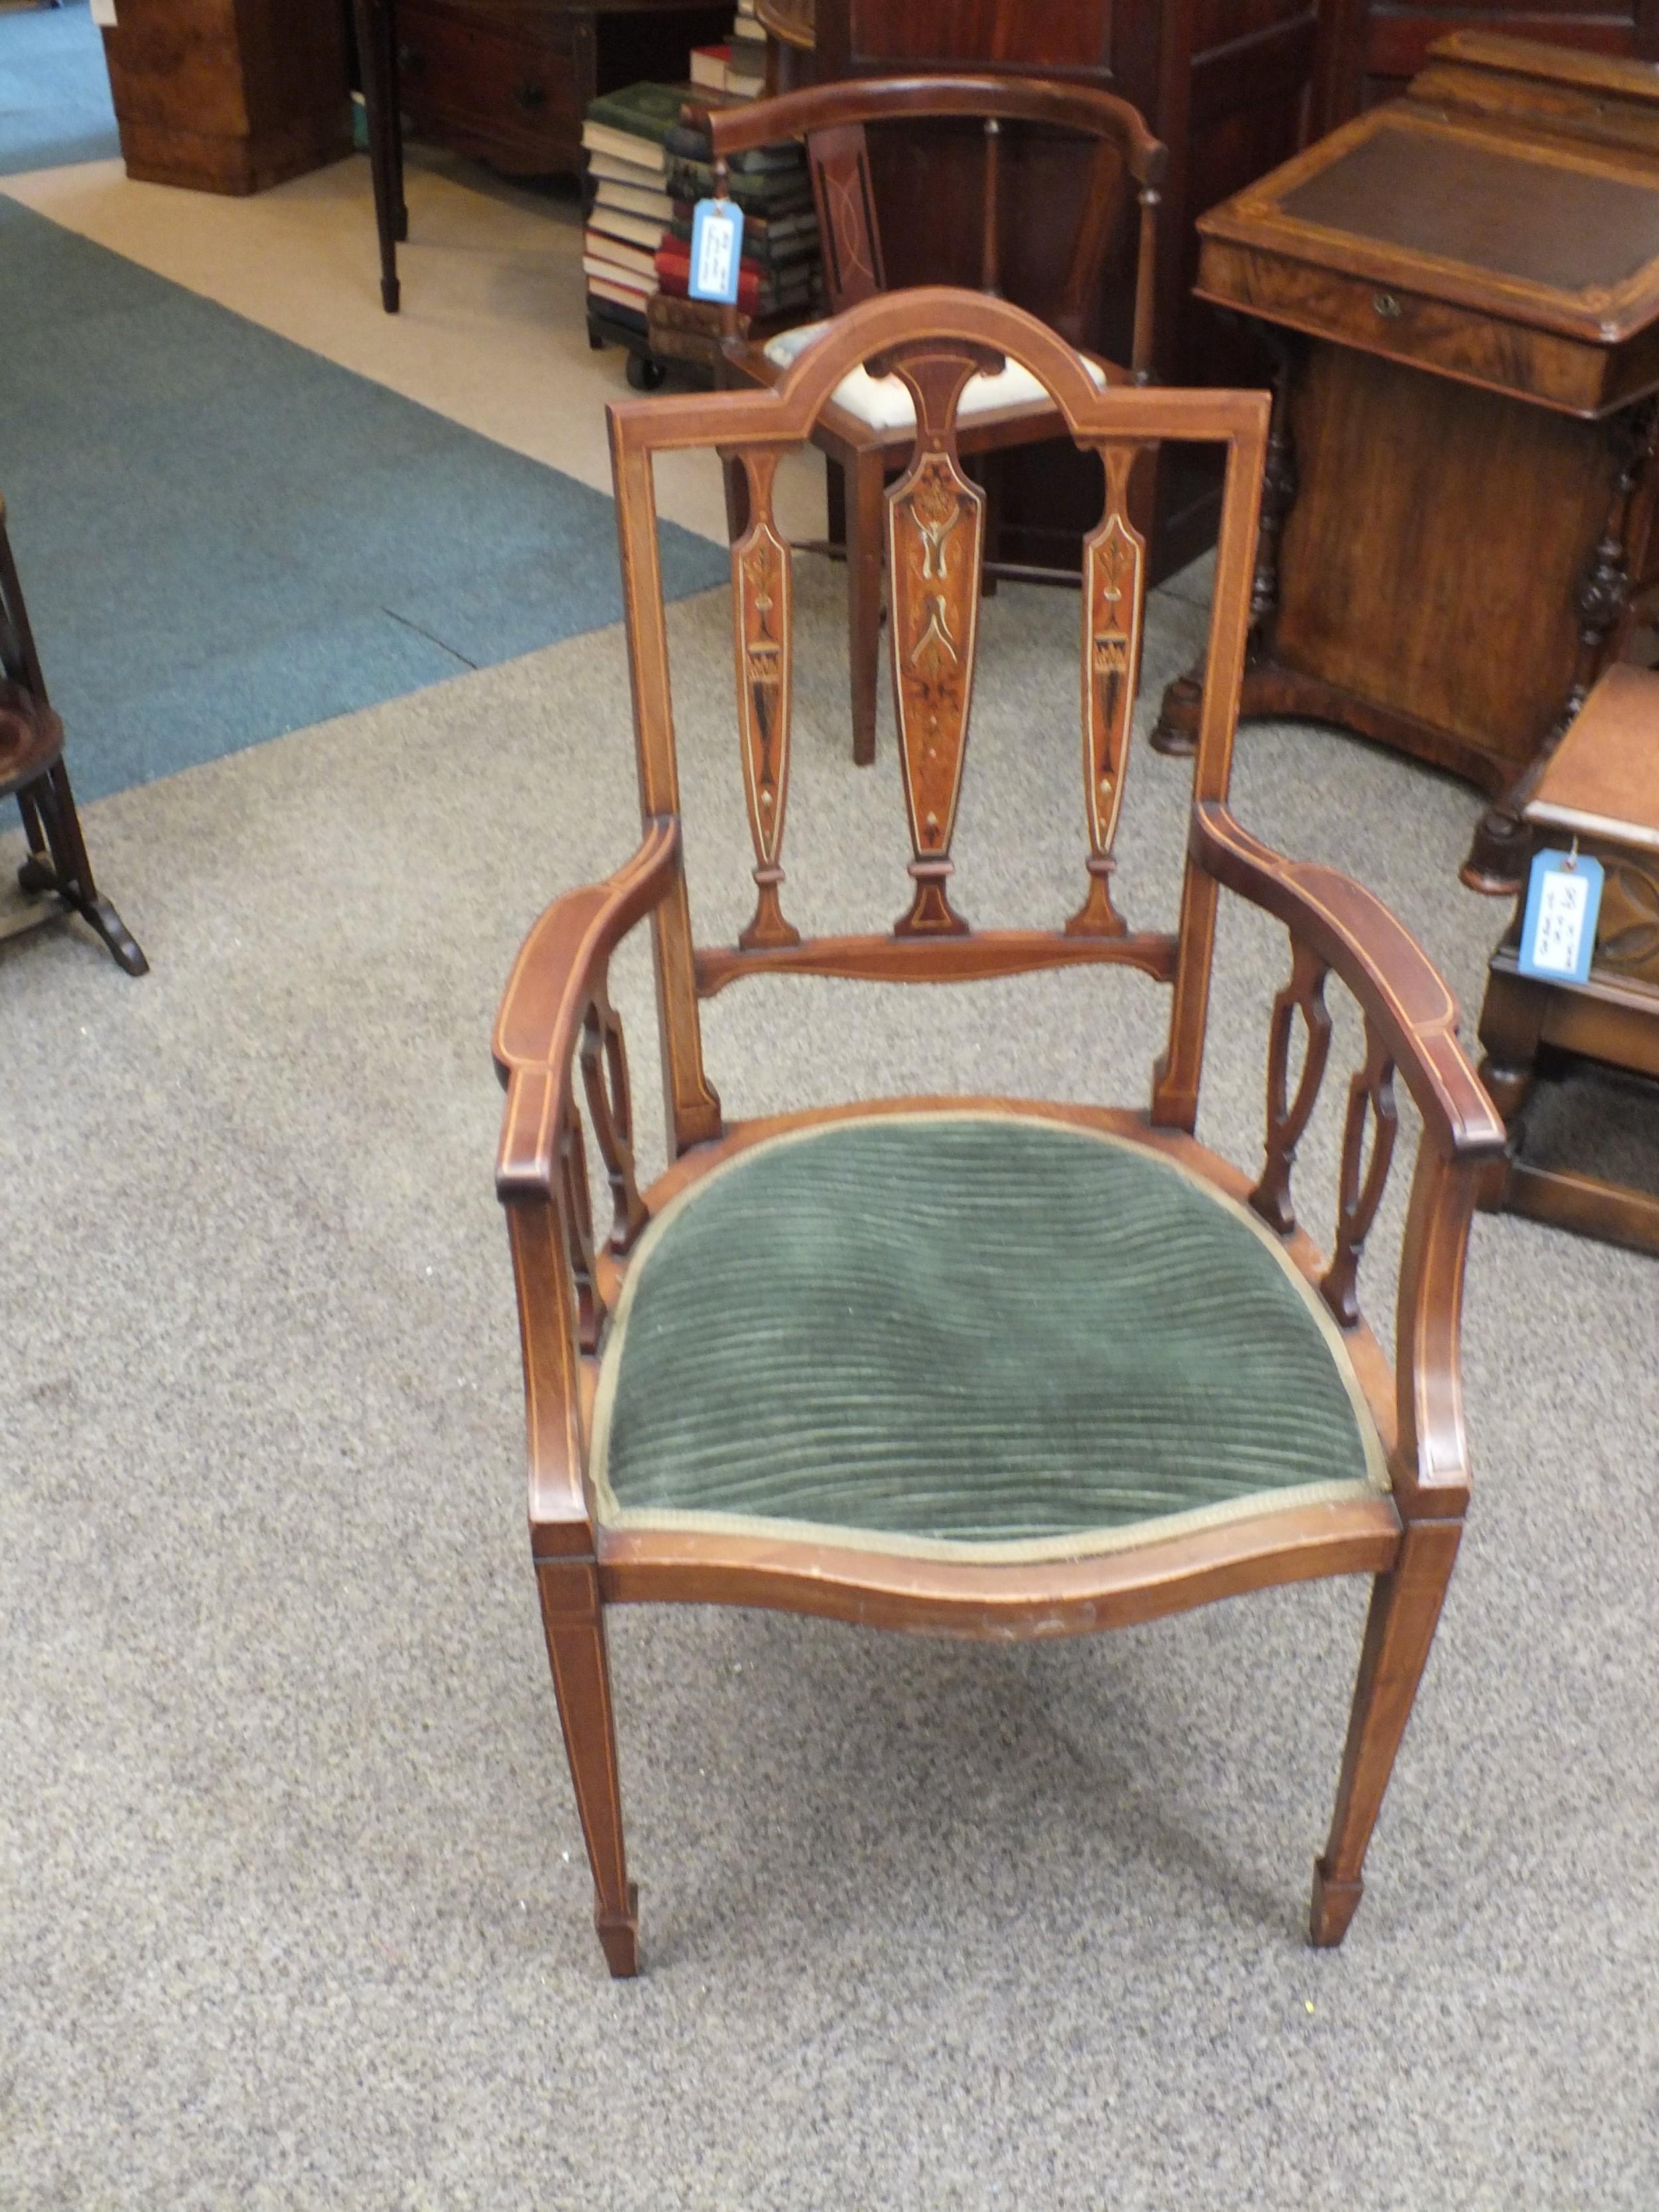 edwardian inlaid chair